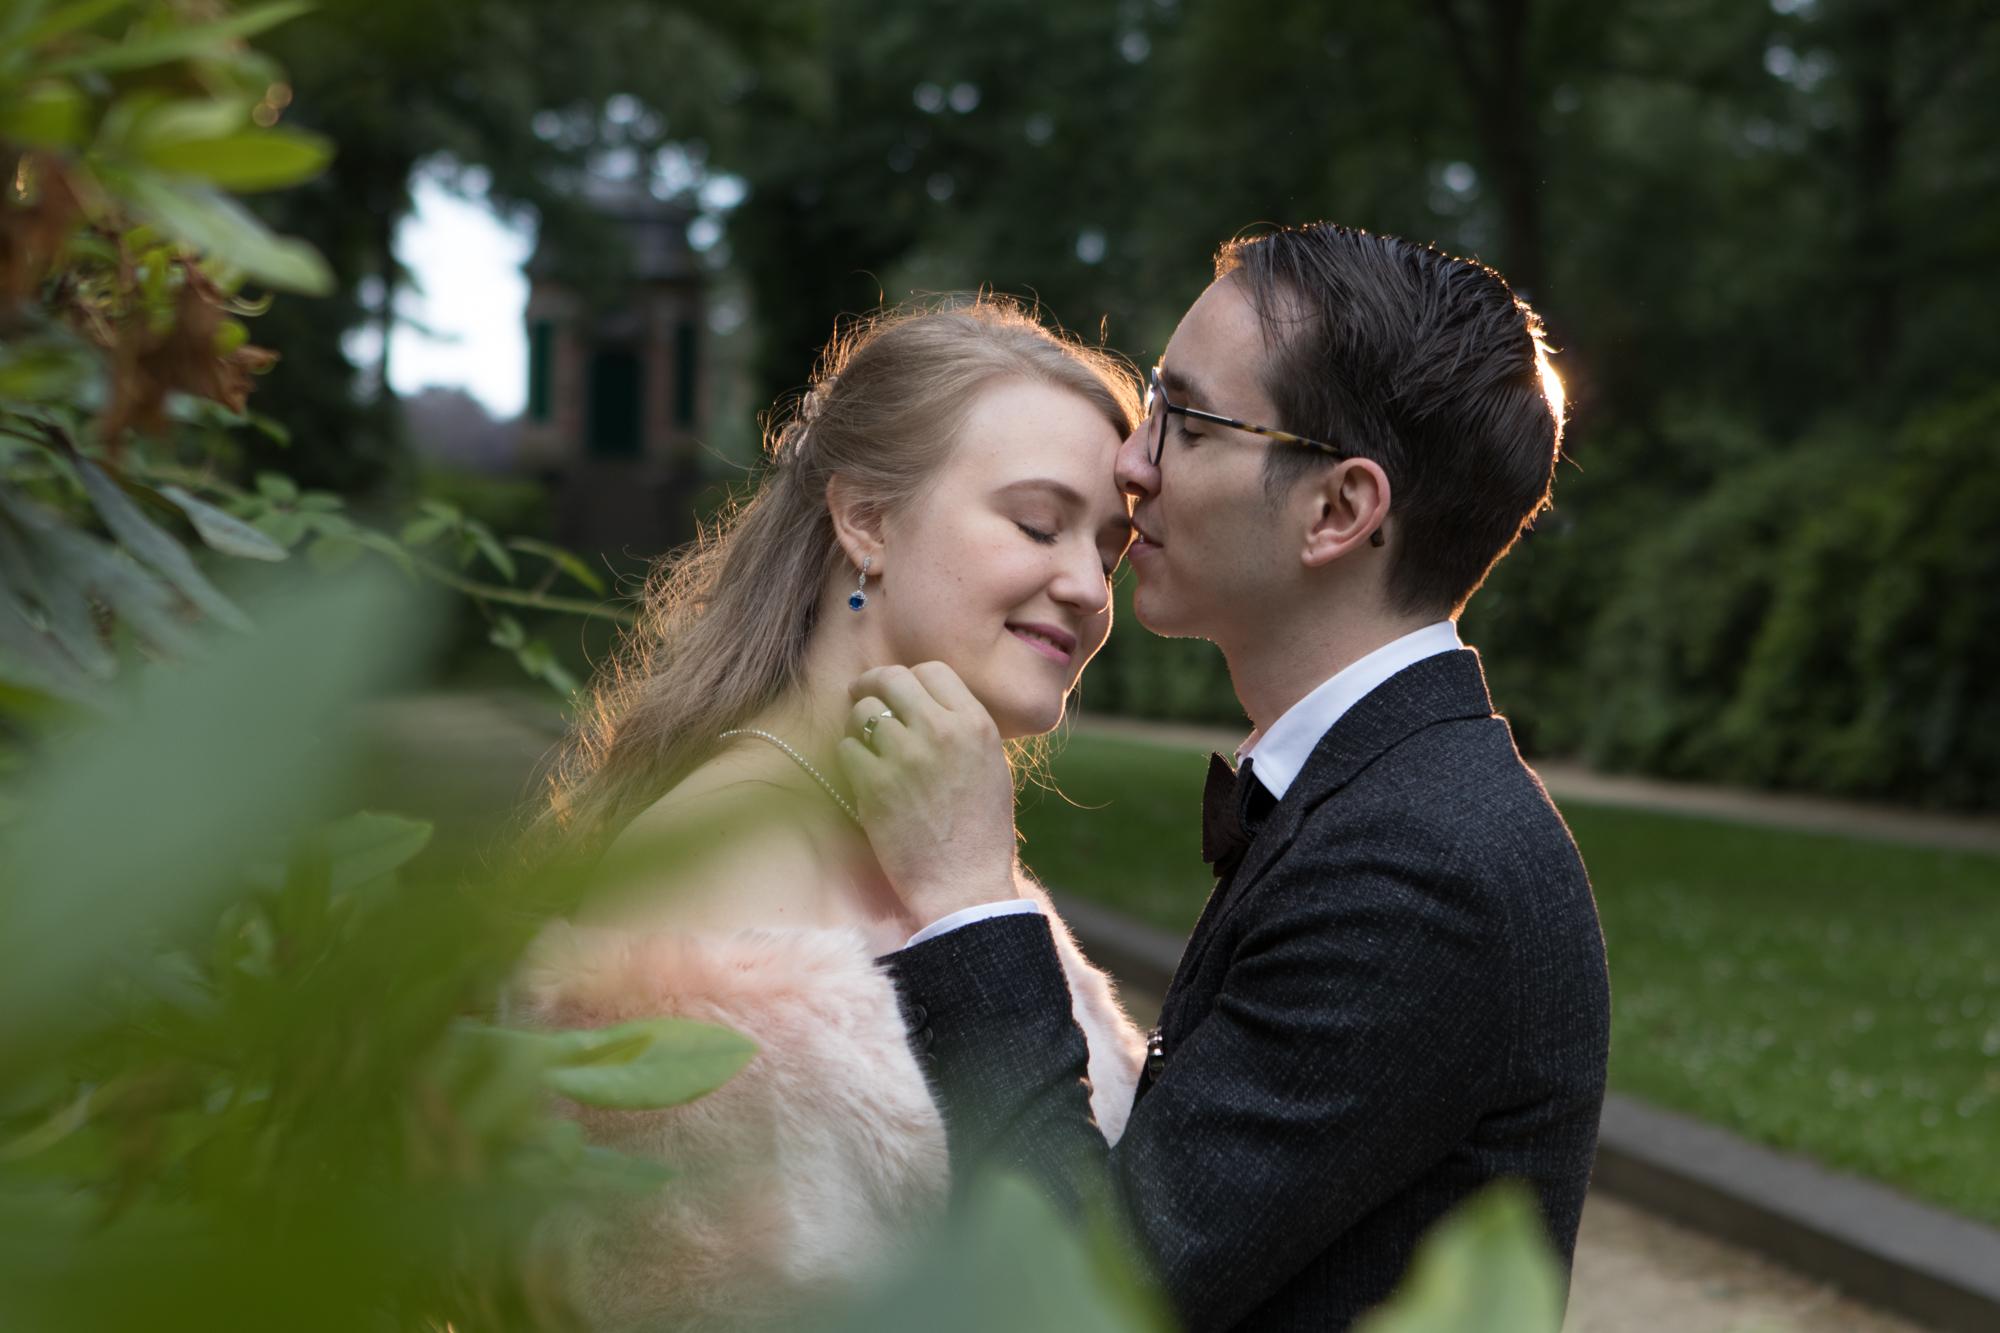 Kus bruidsreportage Karolien en Kenny